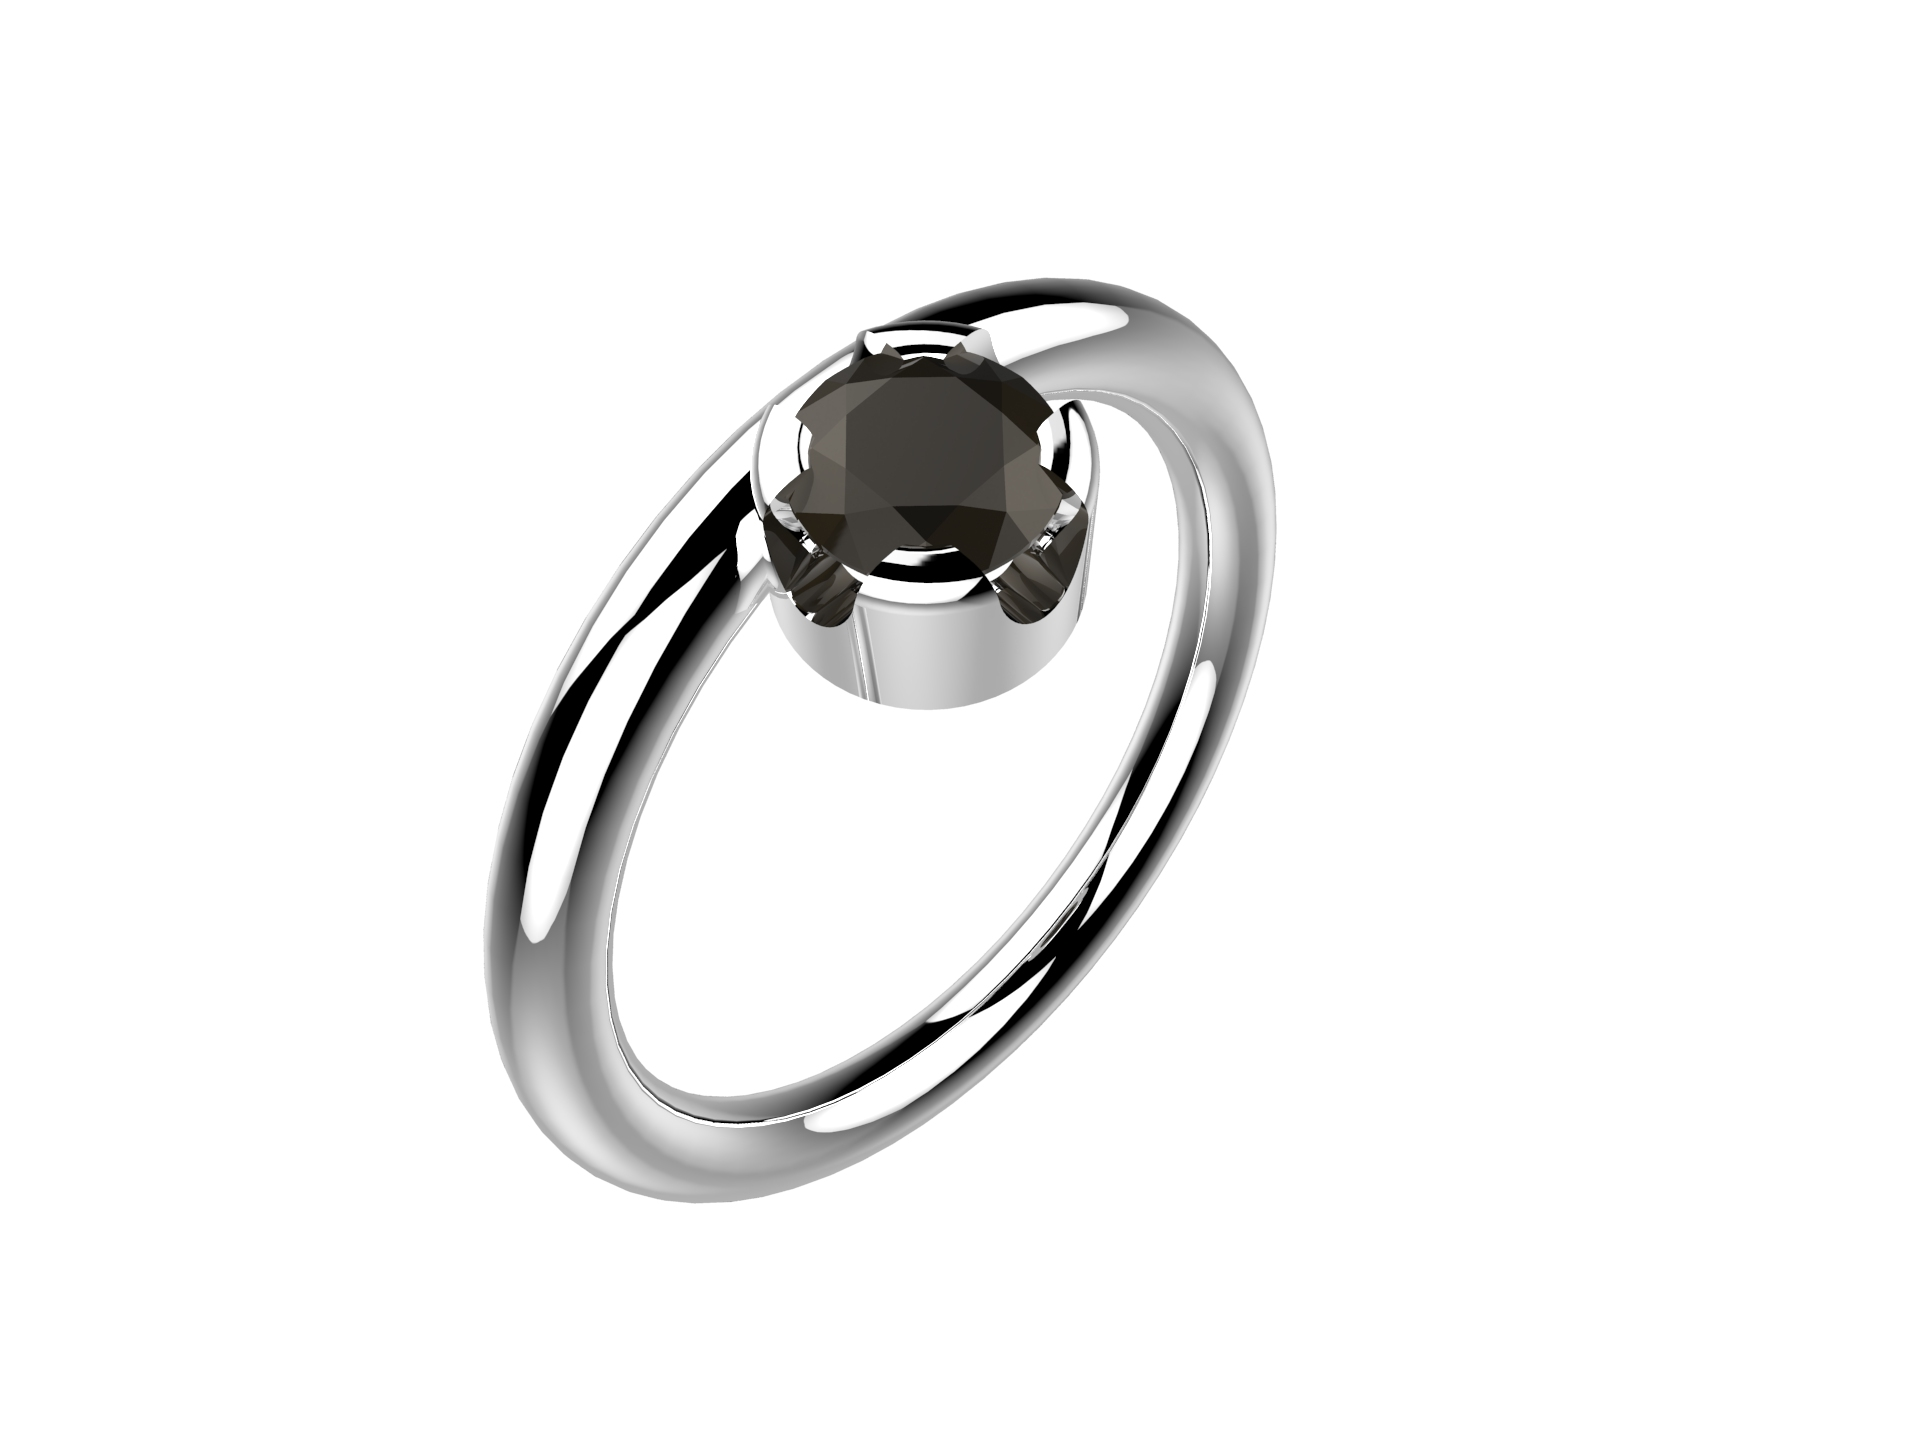 Bague or blanc diamant noir 1920 €